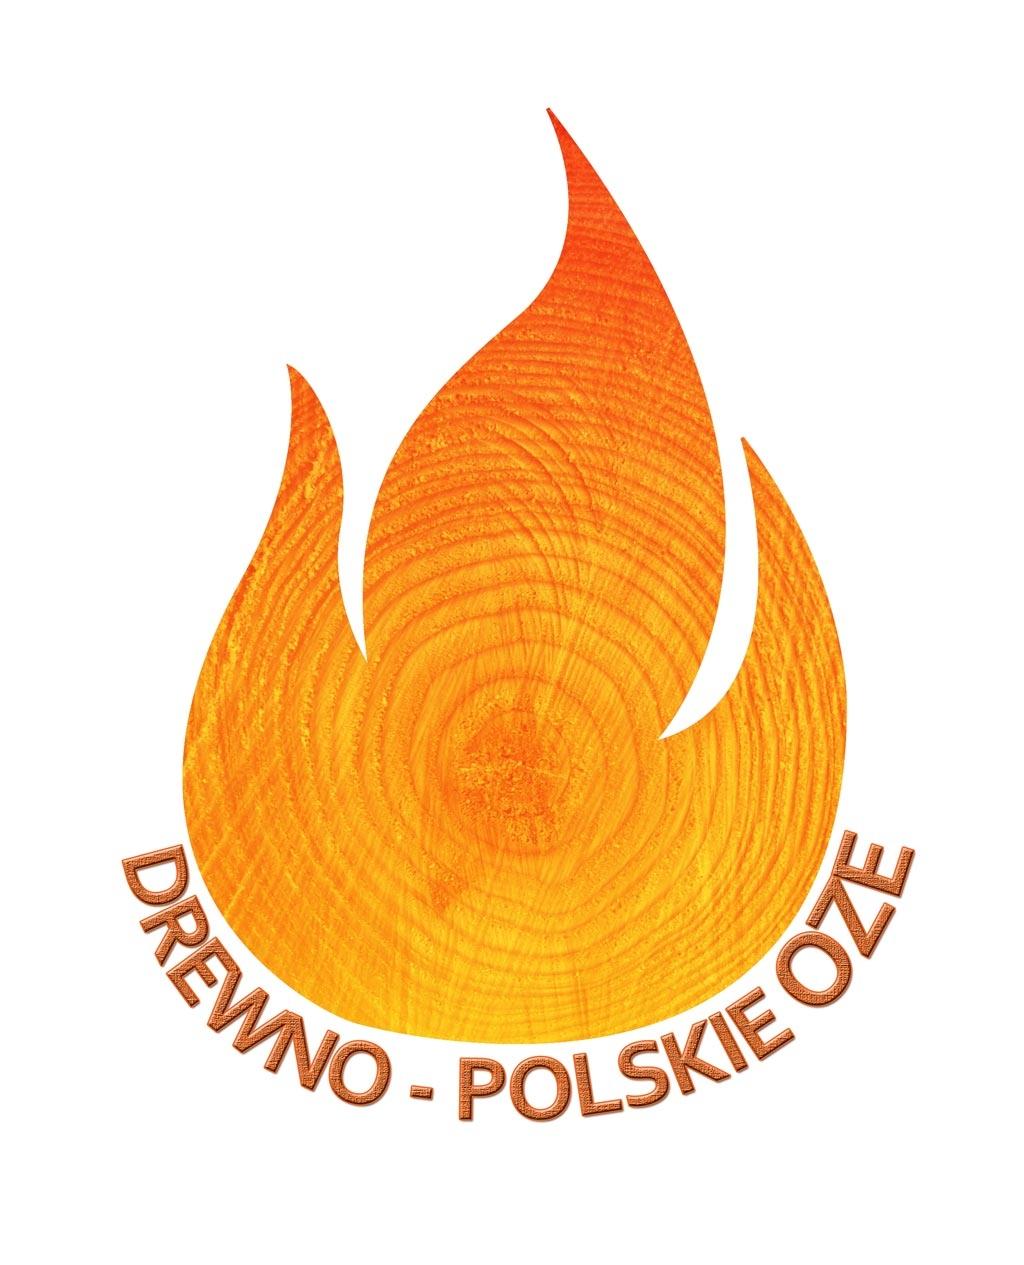 Apel do wykonawców i użytkowników pieców i kominków na drewno - biomasę